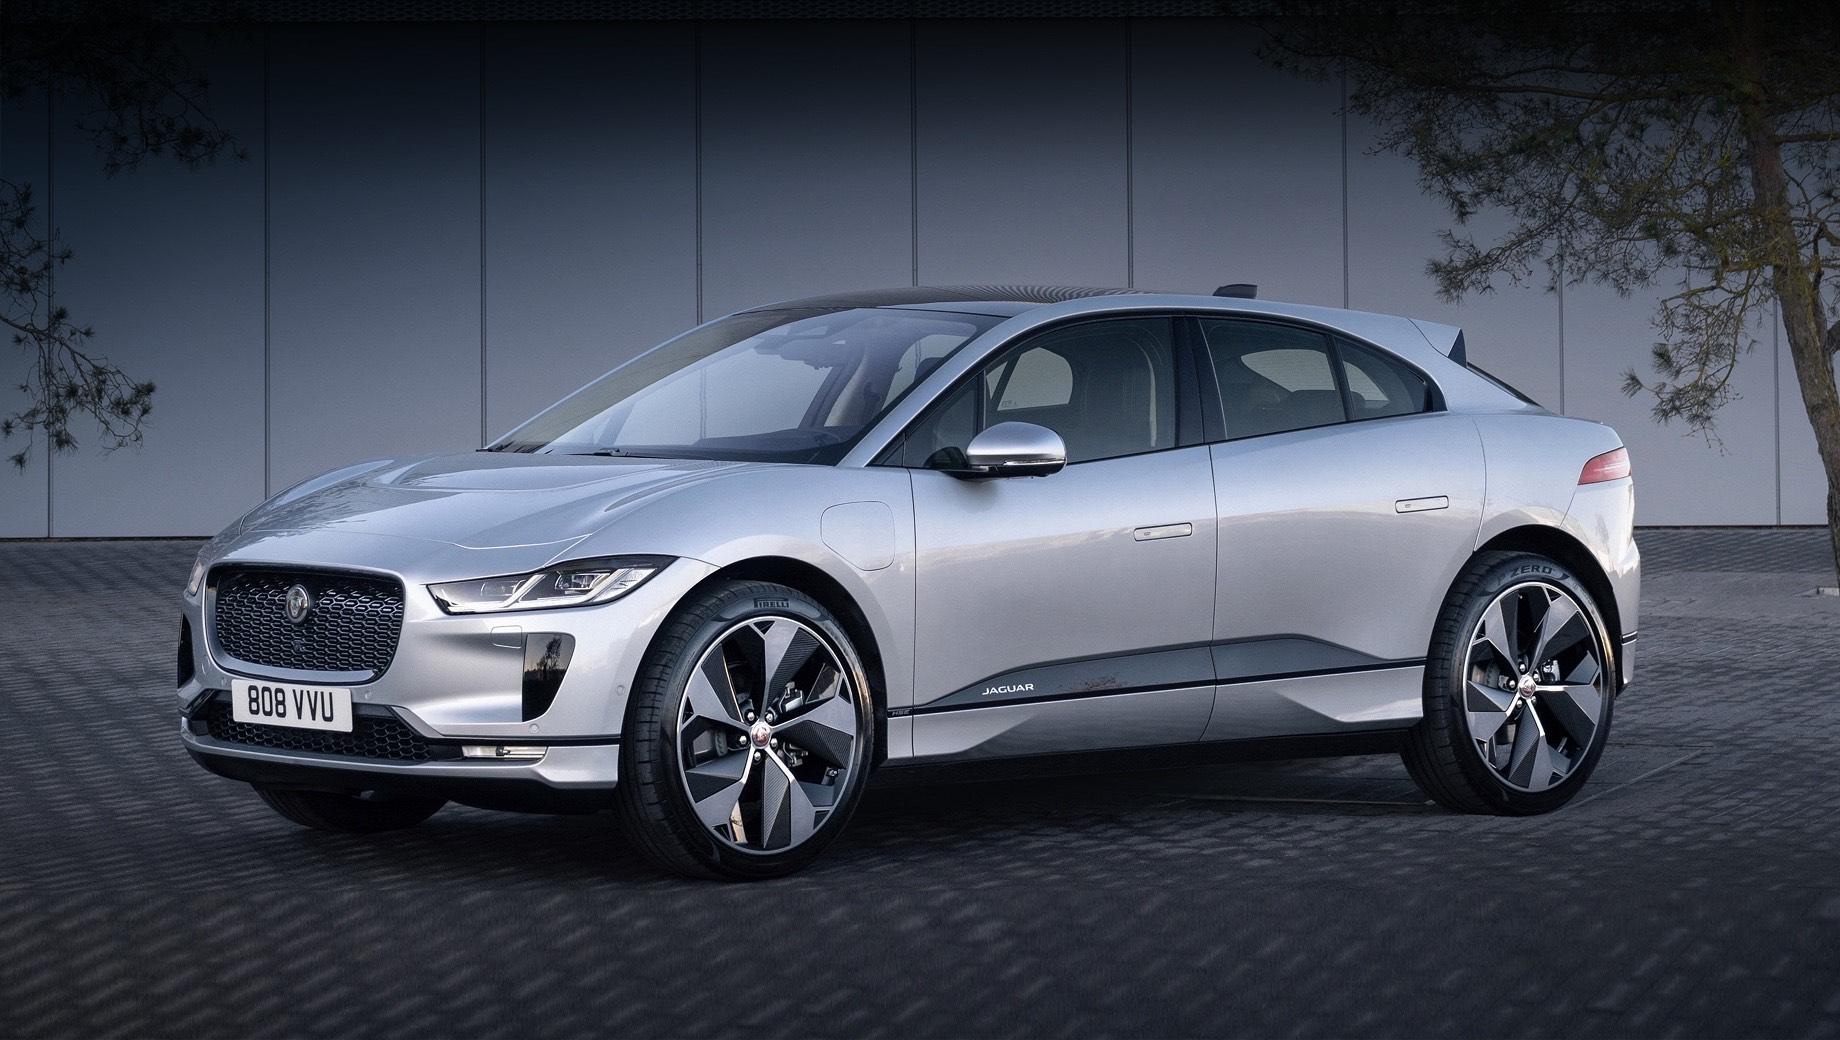 Открылся приём заказов на обновлённый Jaguar I-Pace